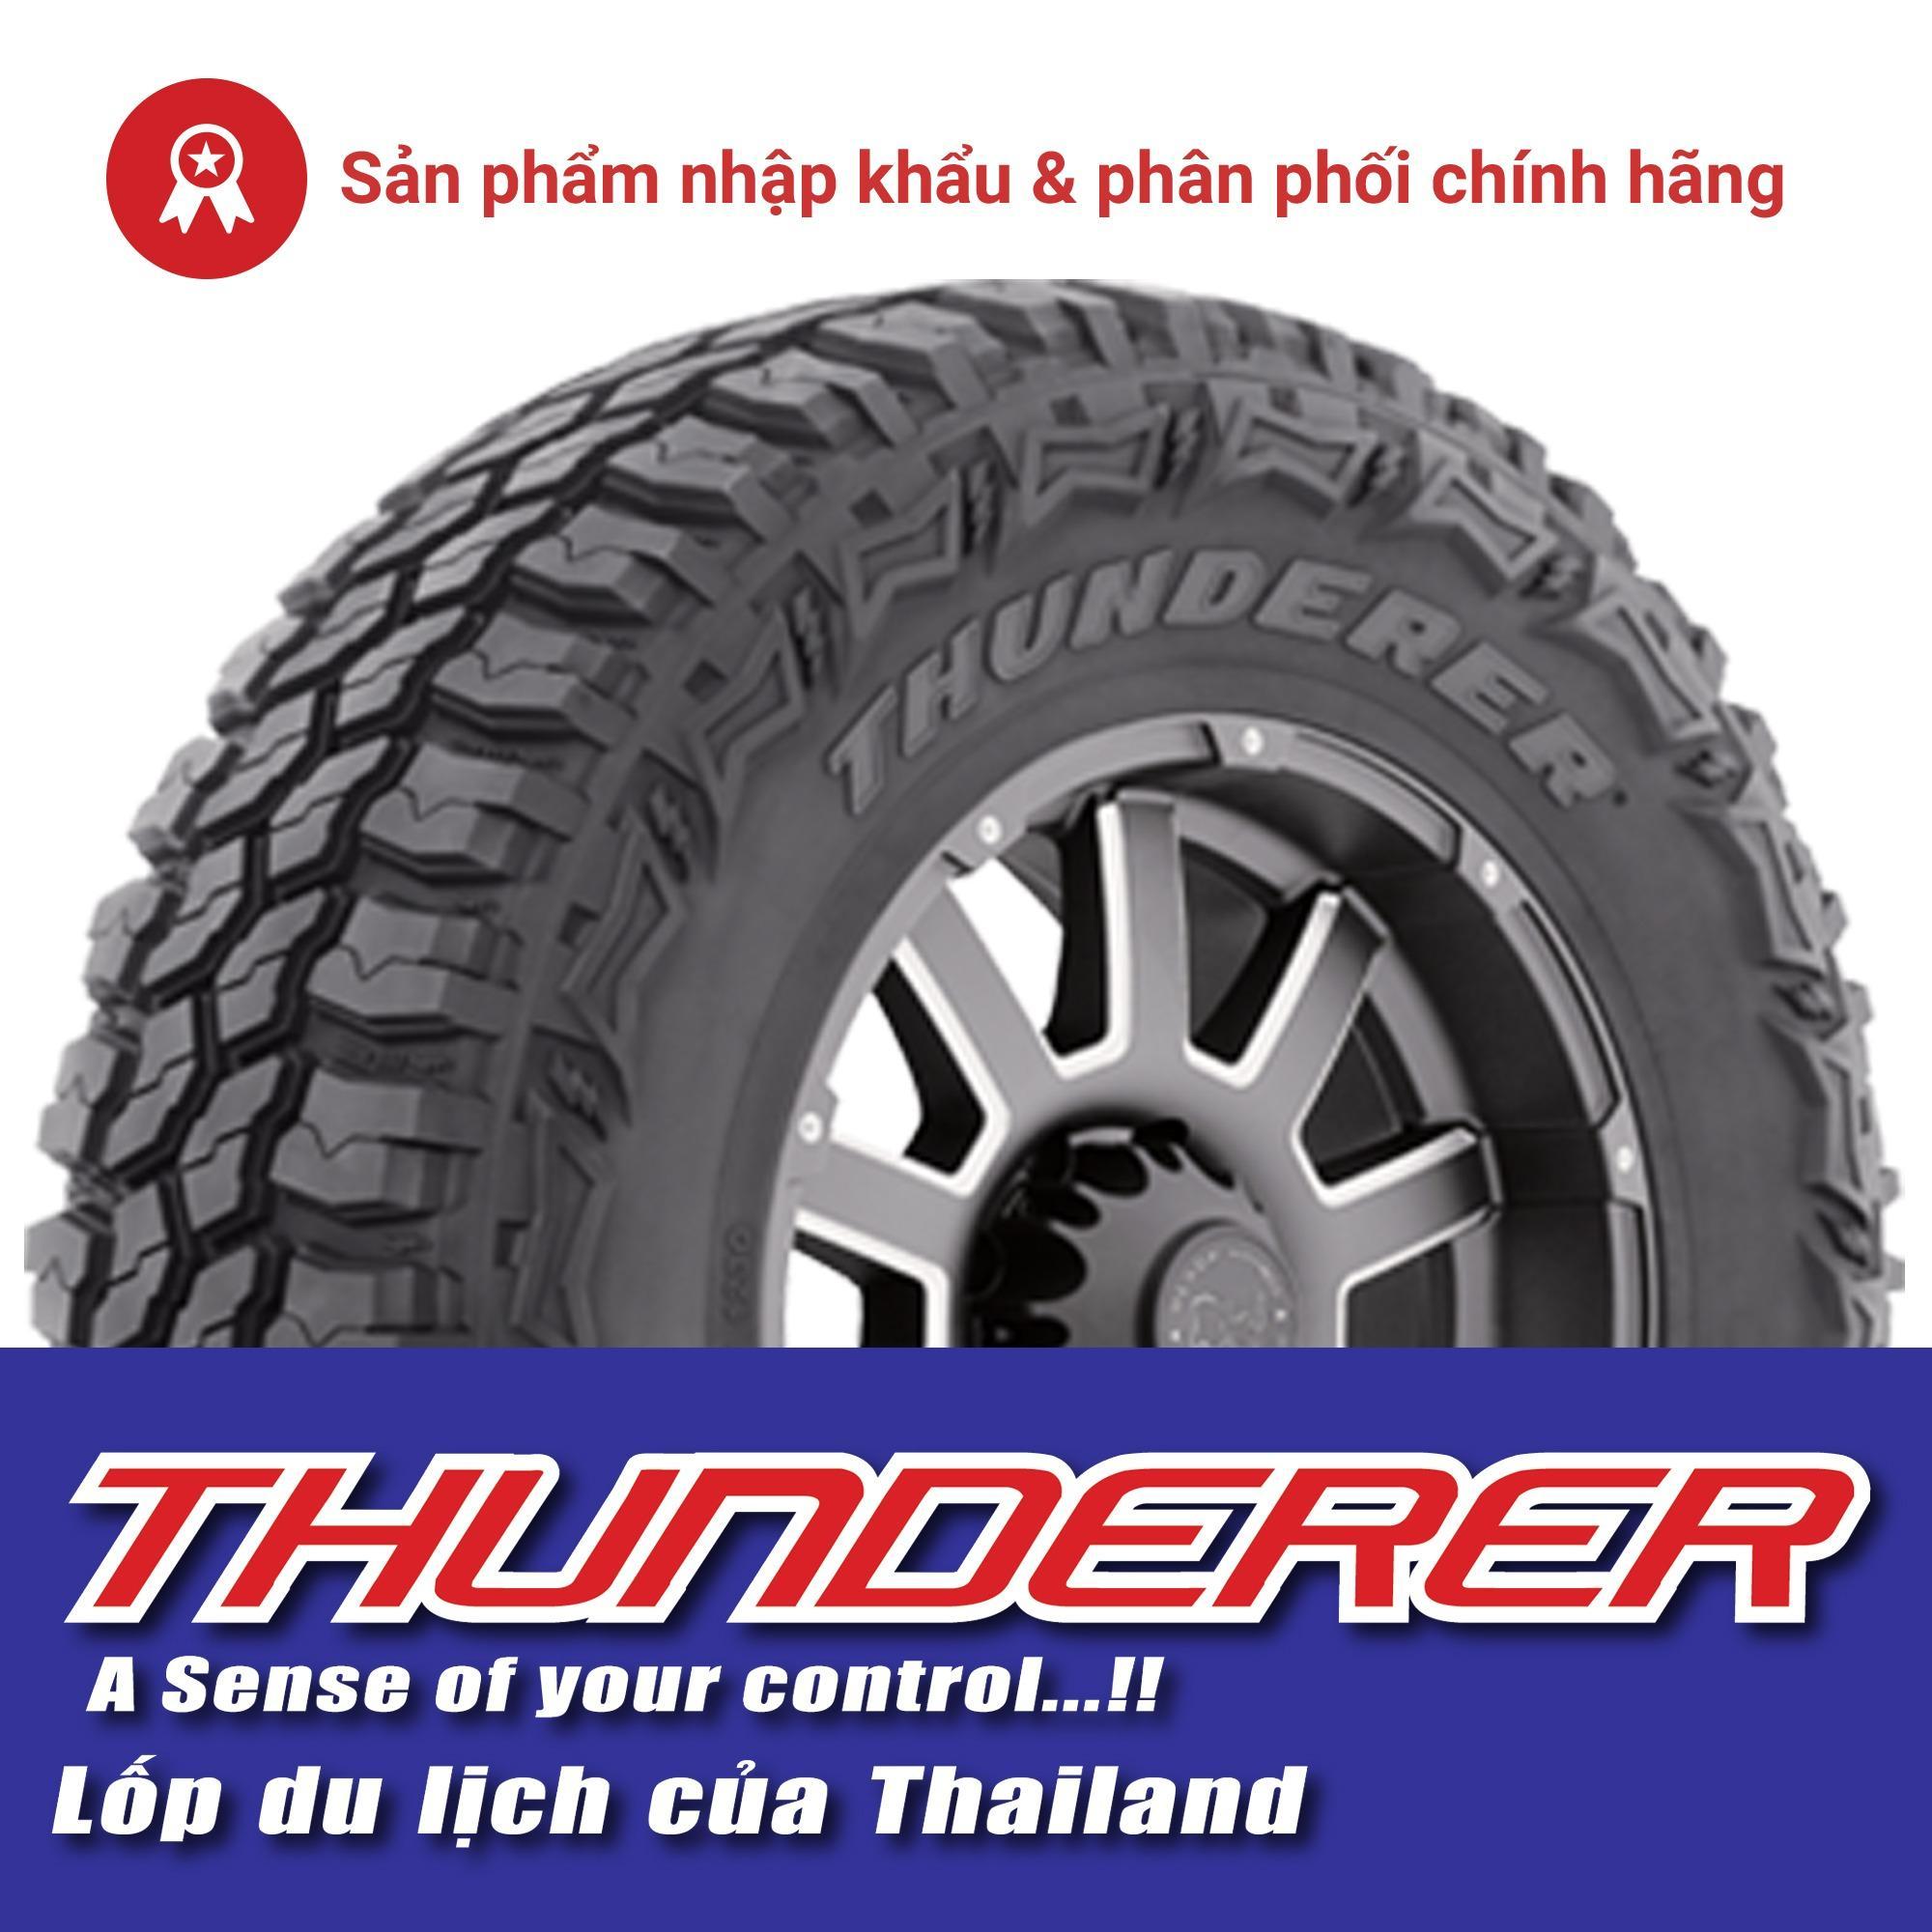 Thay lốp (vỏ) M/T 245/75R16 10PR 120/116Q R408 Thunderer TracGrip 2 chính hãng cho xe pickup (bán tải) Ford F150 Nhật Bản